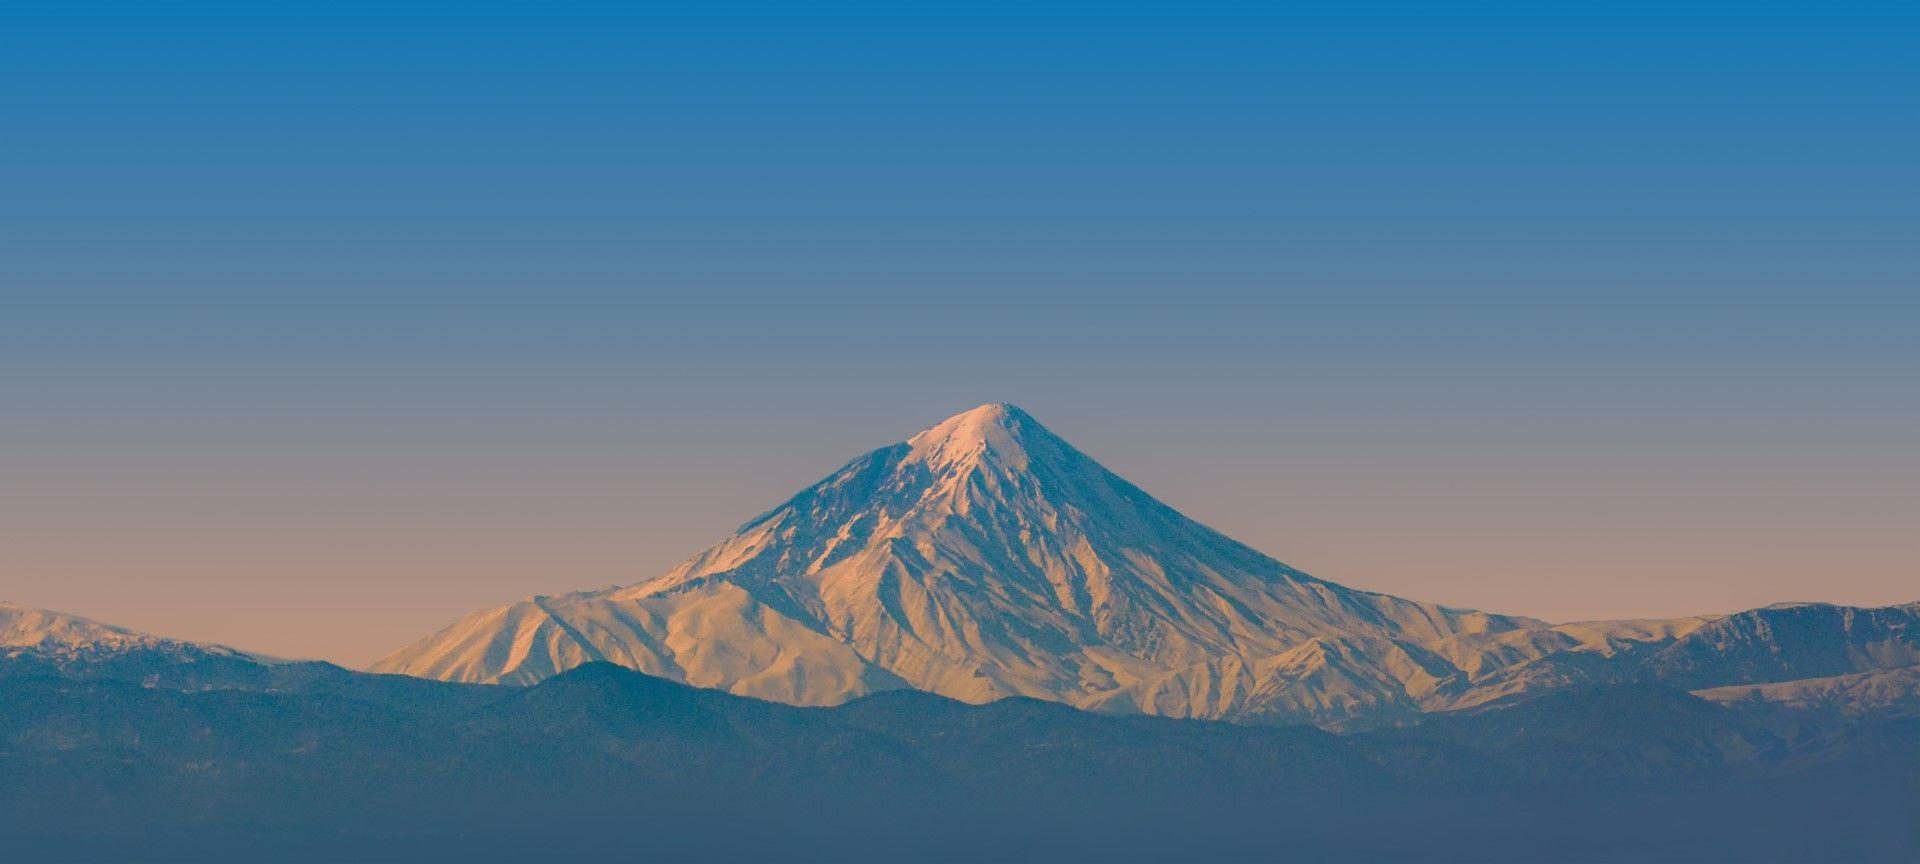 Дамаванд - най-високият връх в Иран и Западна Азия, е всъшност спящ вулкан, за който учените смятат, че би могъл да се събуди отново. Със своите 5609 м той е най-високият вулкан в Иран и в цяла Азия.